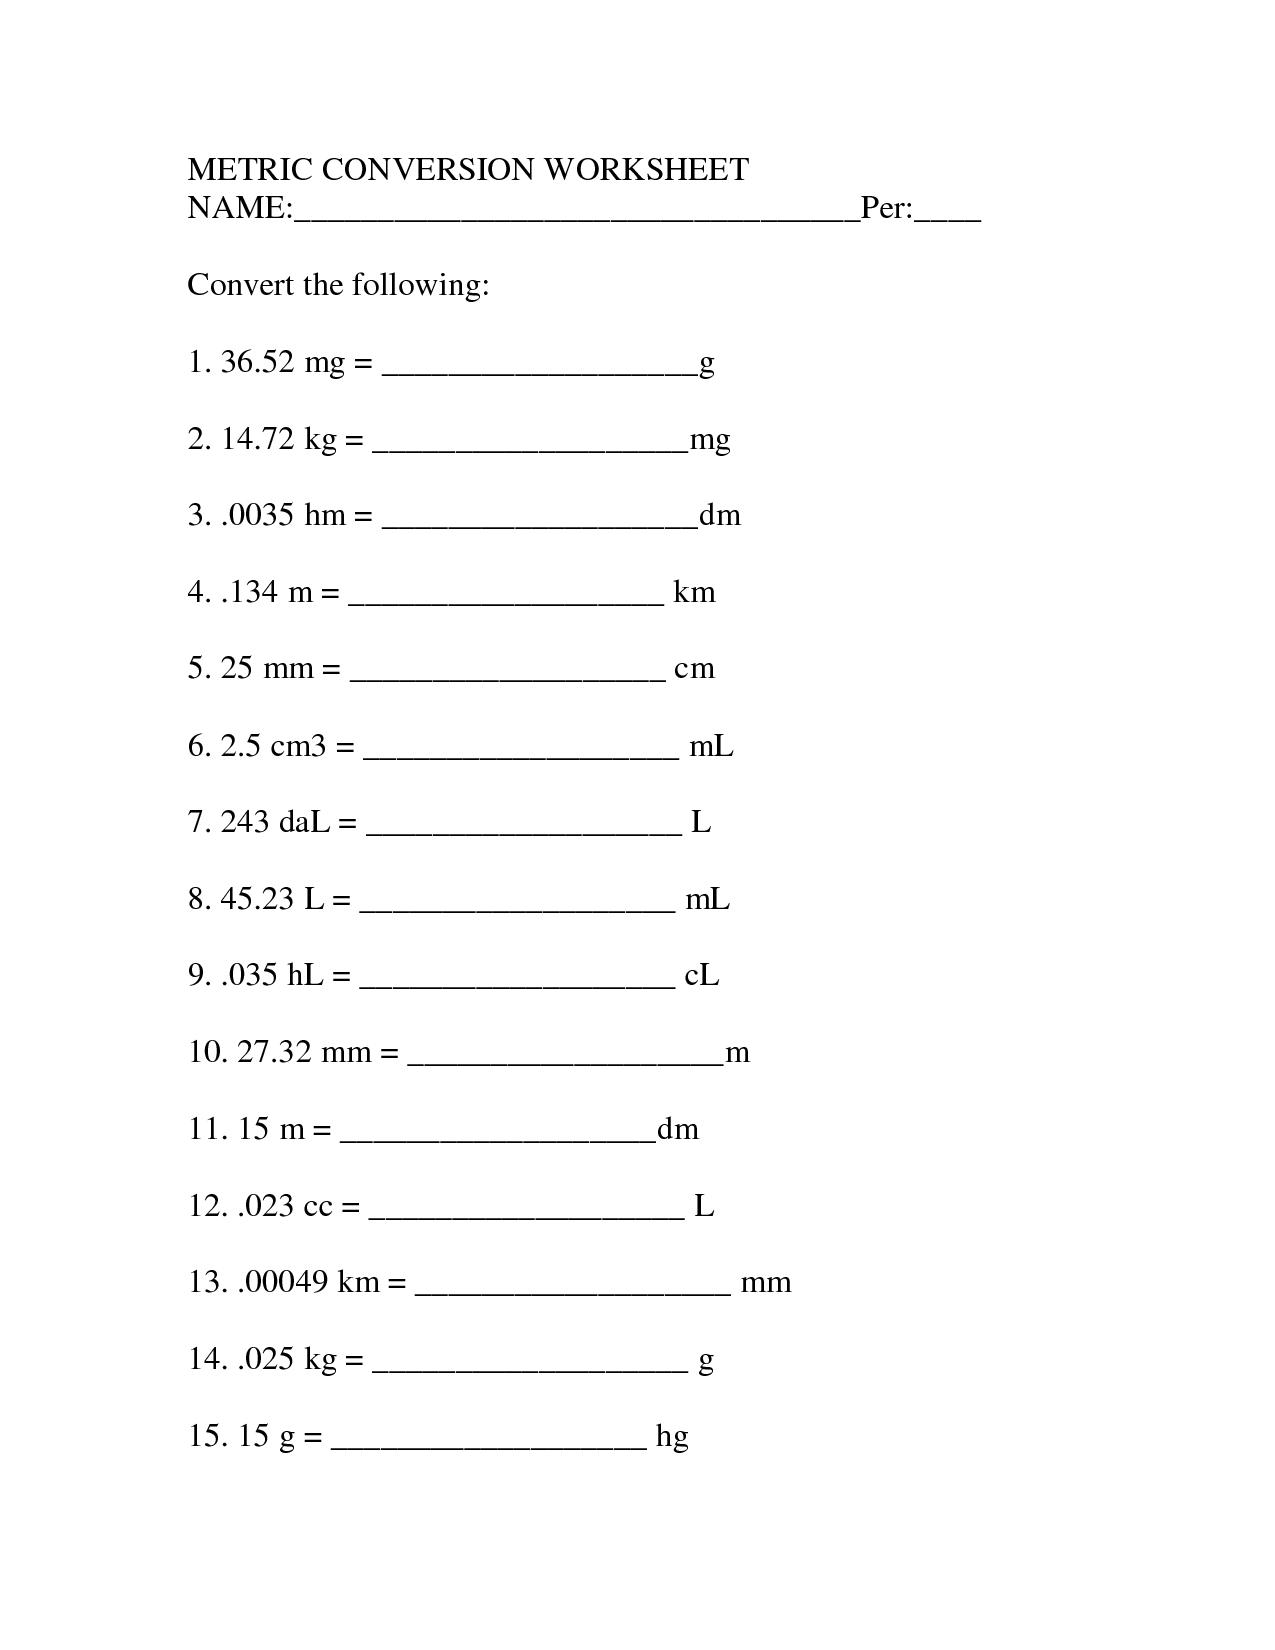 Unit Conversion Factor Worksheet - Livinghealthybulletin